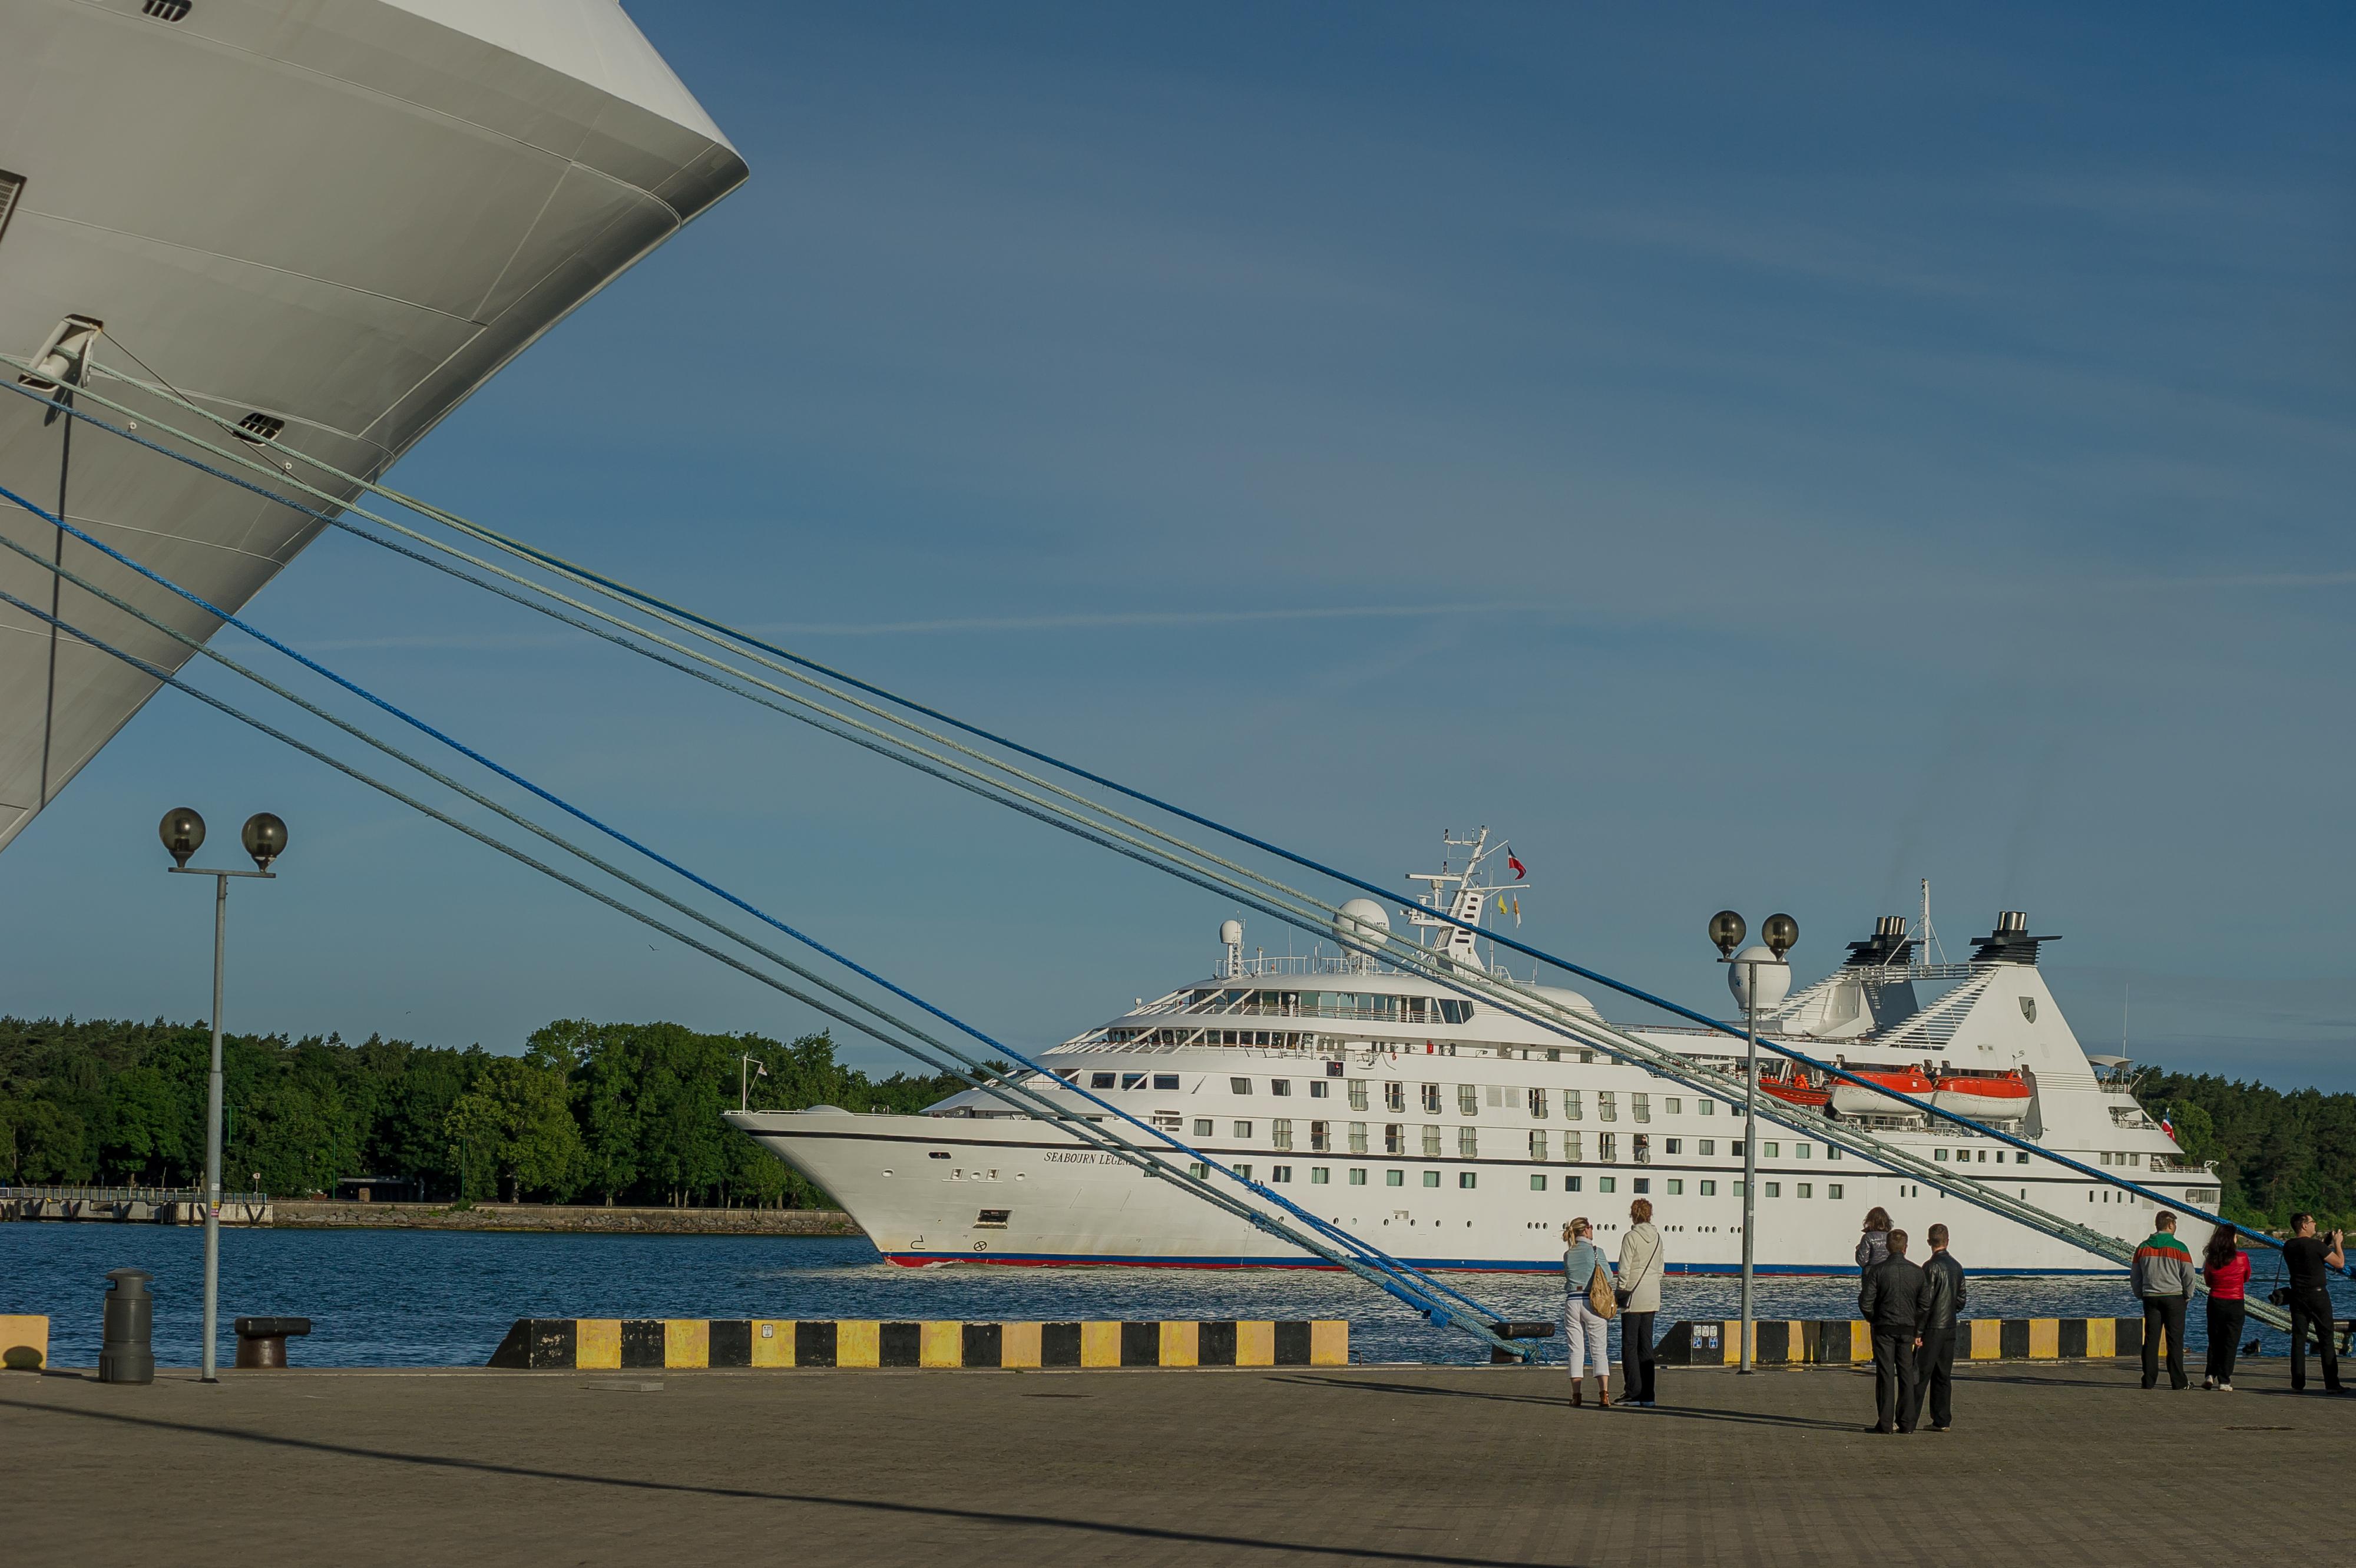 Спустя год: первый круизный лайнер может прийти в Клайпеду не раньше июля